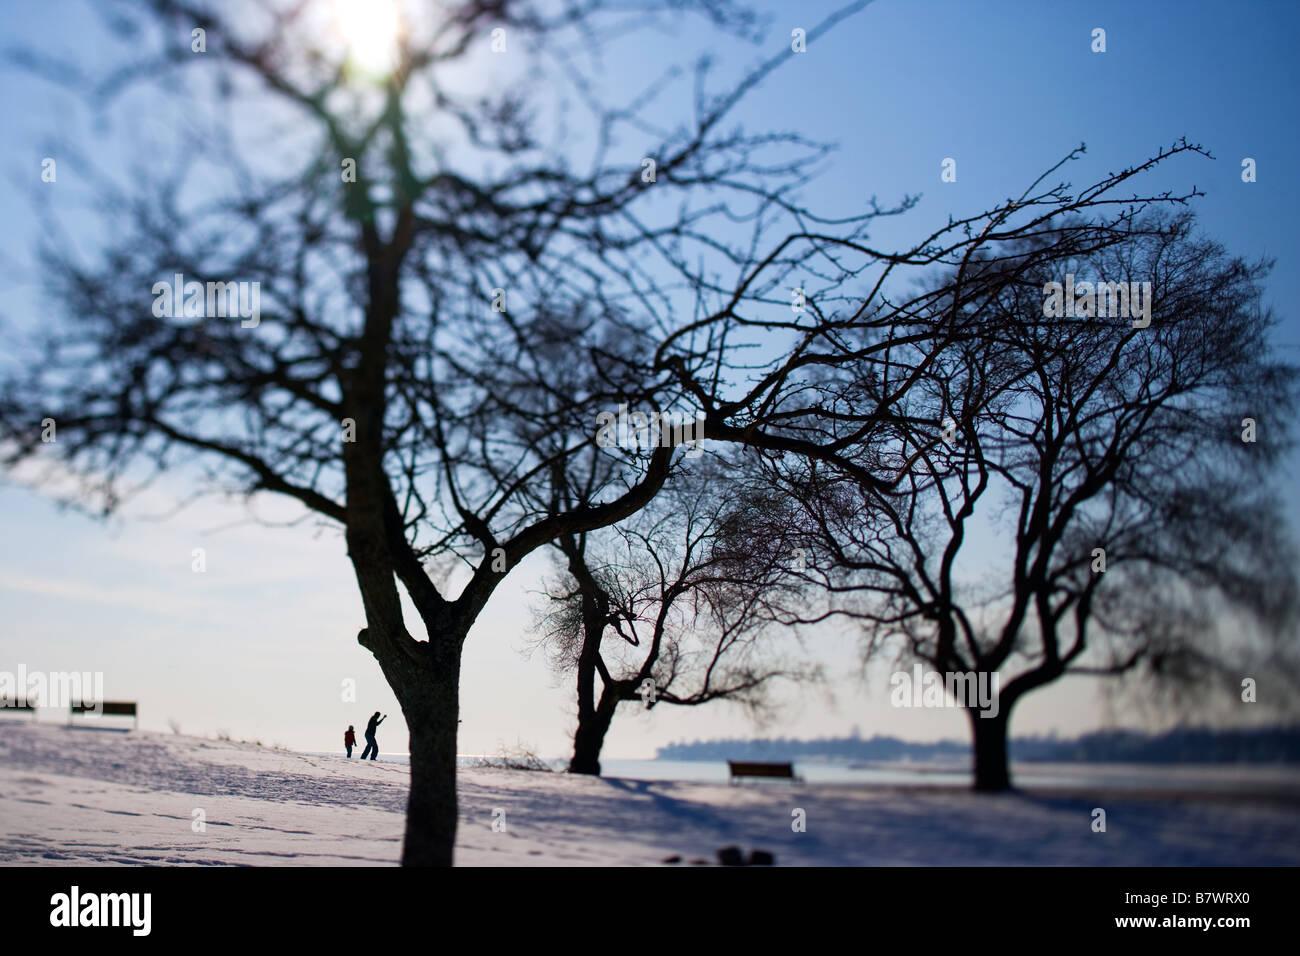 Bäume in einem Park mit Vater und Sohn überspringen Felsen in West Haven CT USA im Winter mit Schnee Stockbild